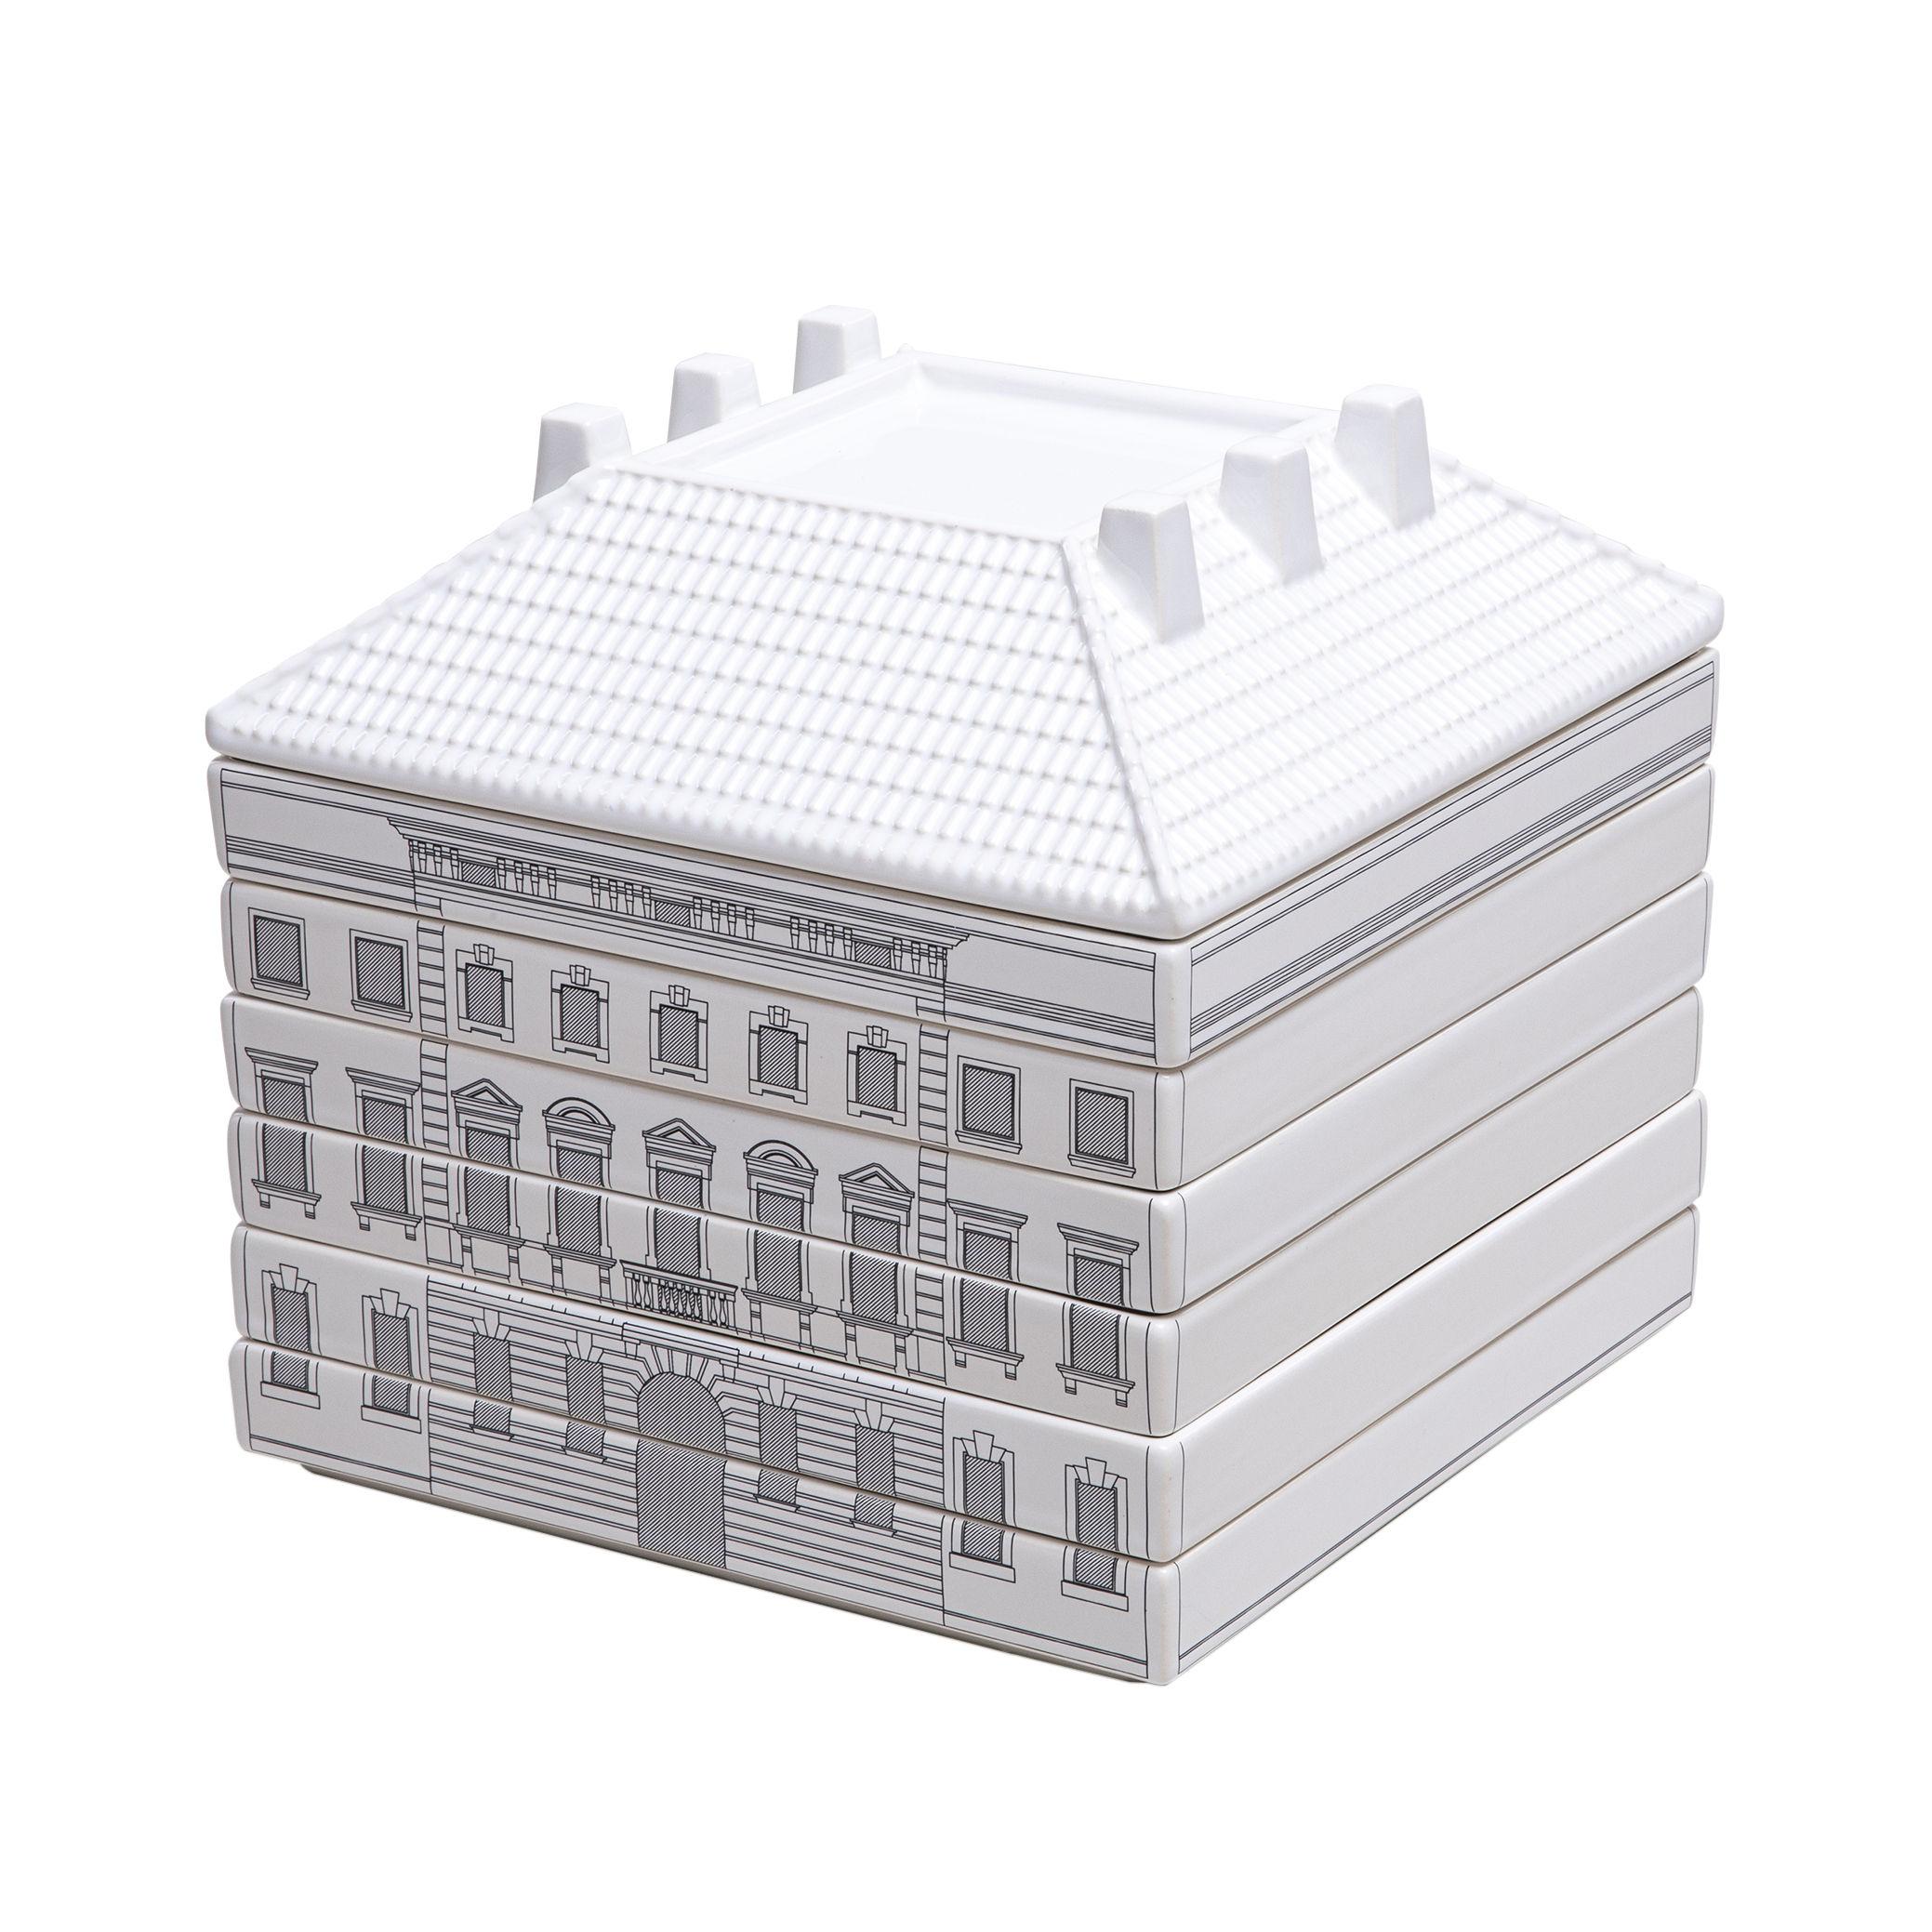 Arts de la table - Assiettes - Set vaisselle Palace - Signoria / 6 assiettes + 1 plat empilables - Seletti - Blanc & noir - Porcelaine de Limoges